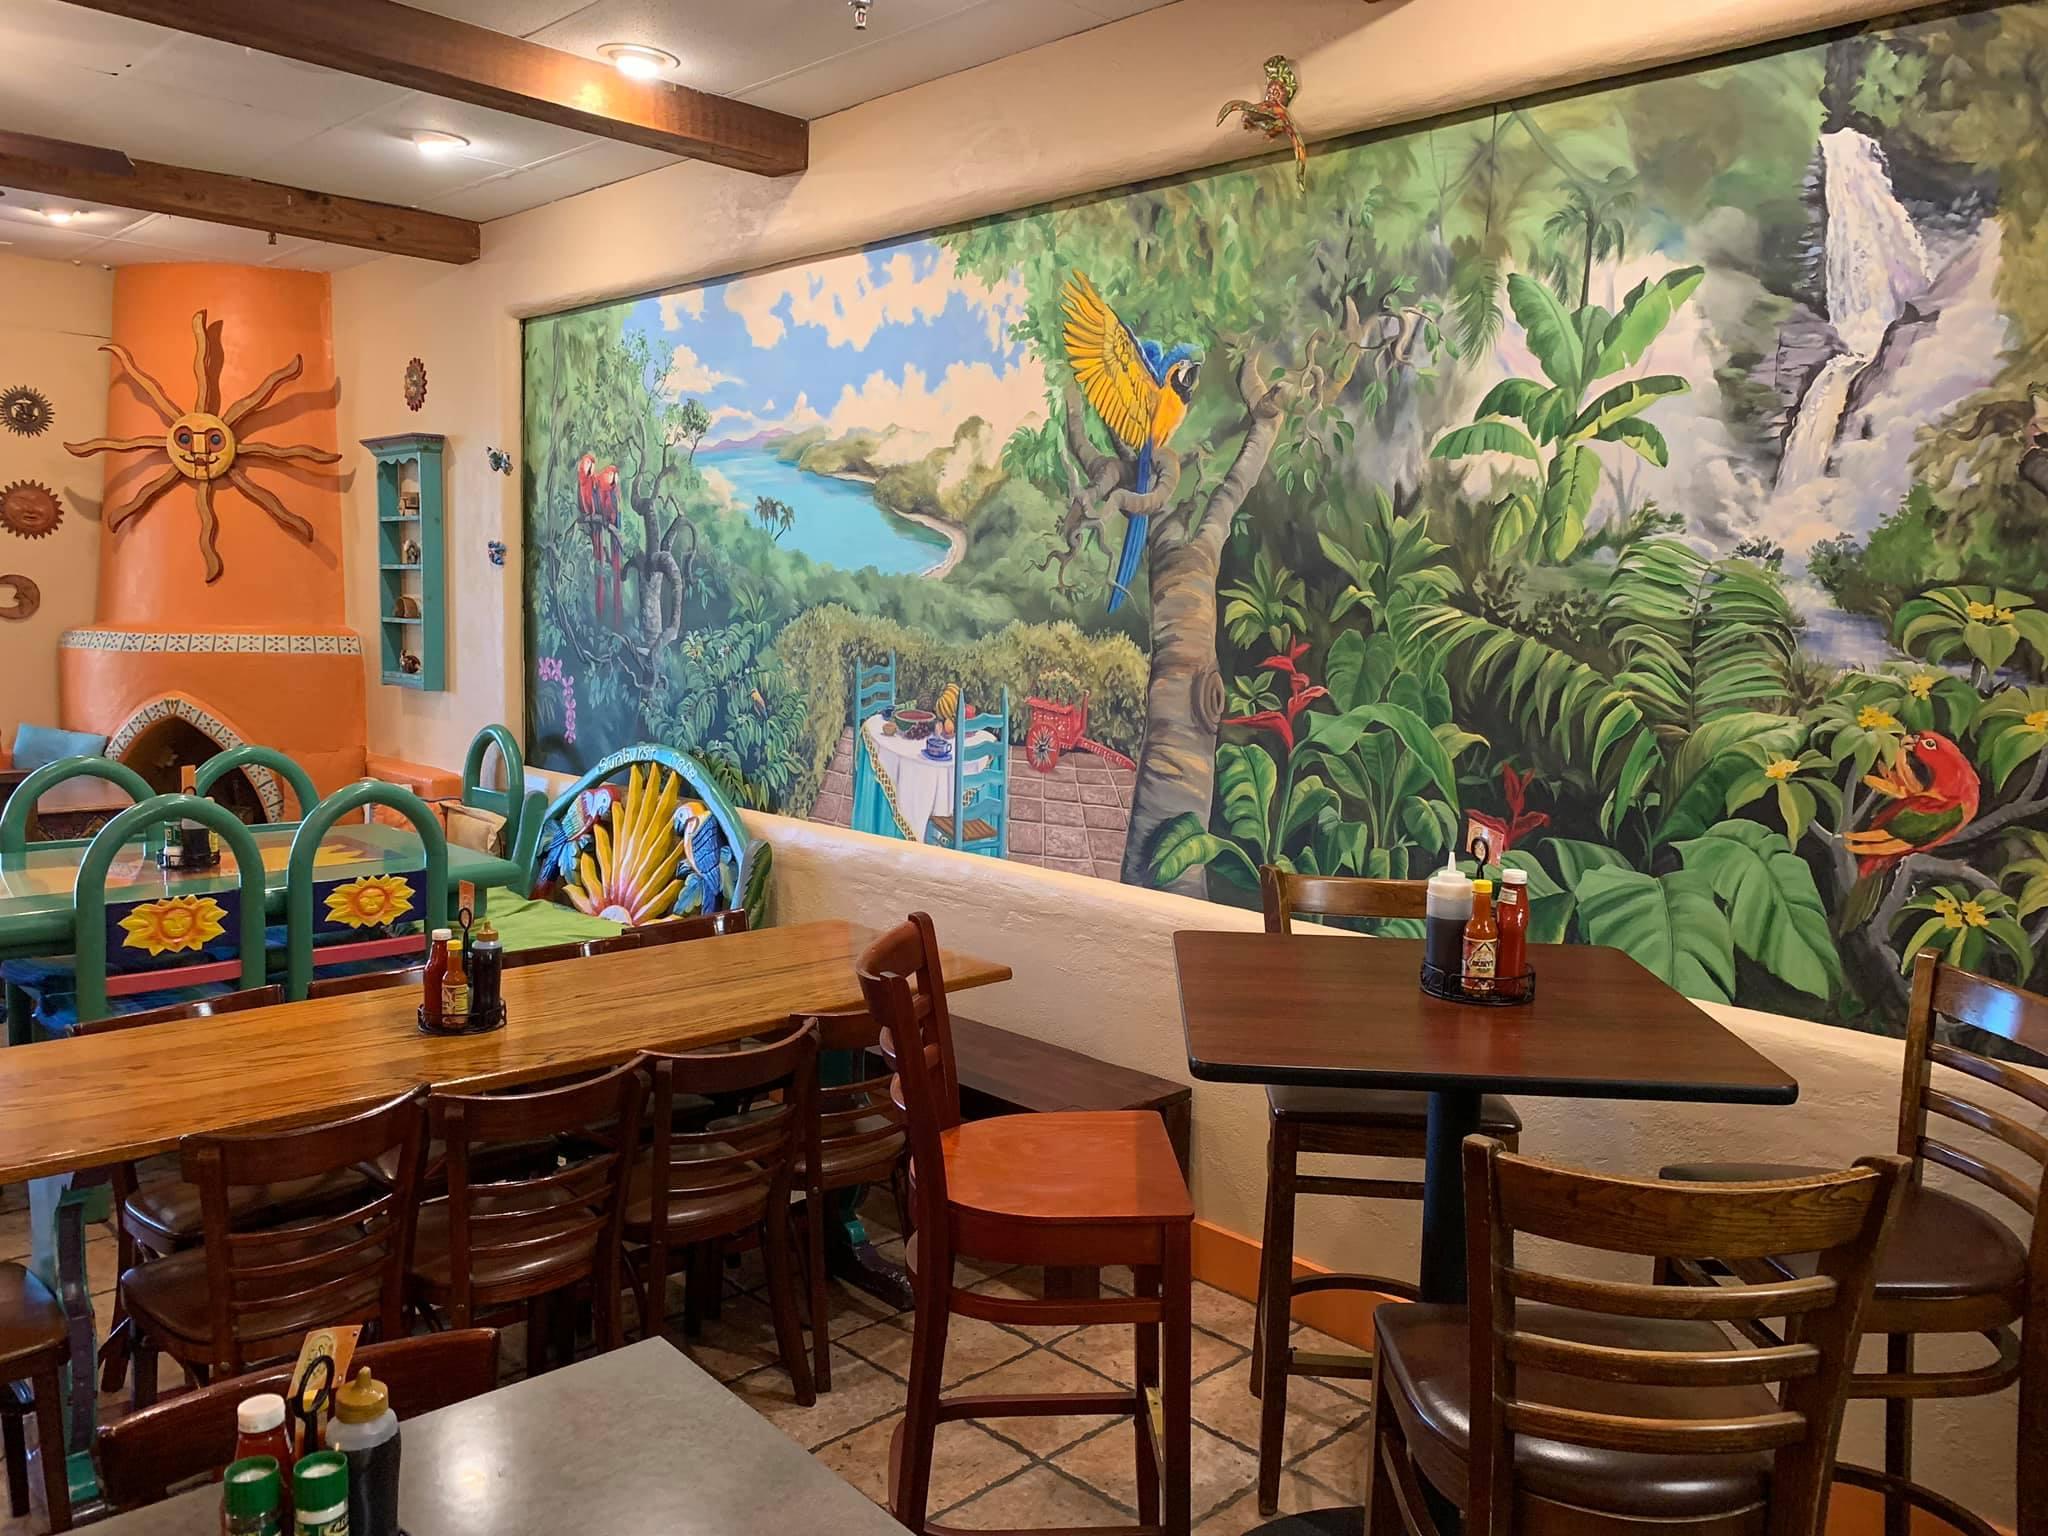 inside_mural.jpg